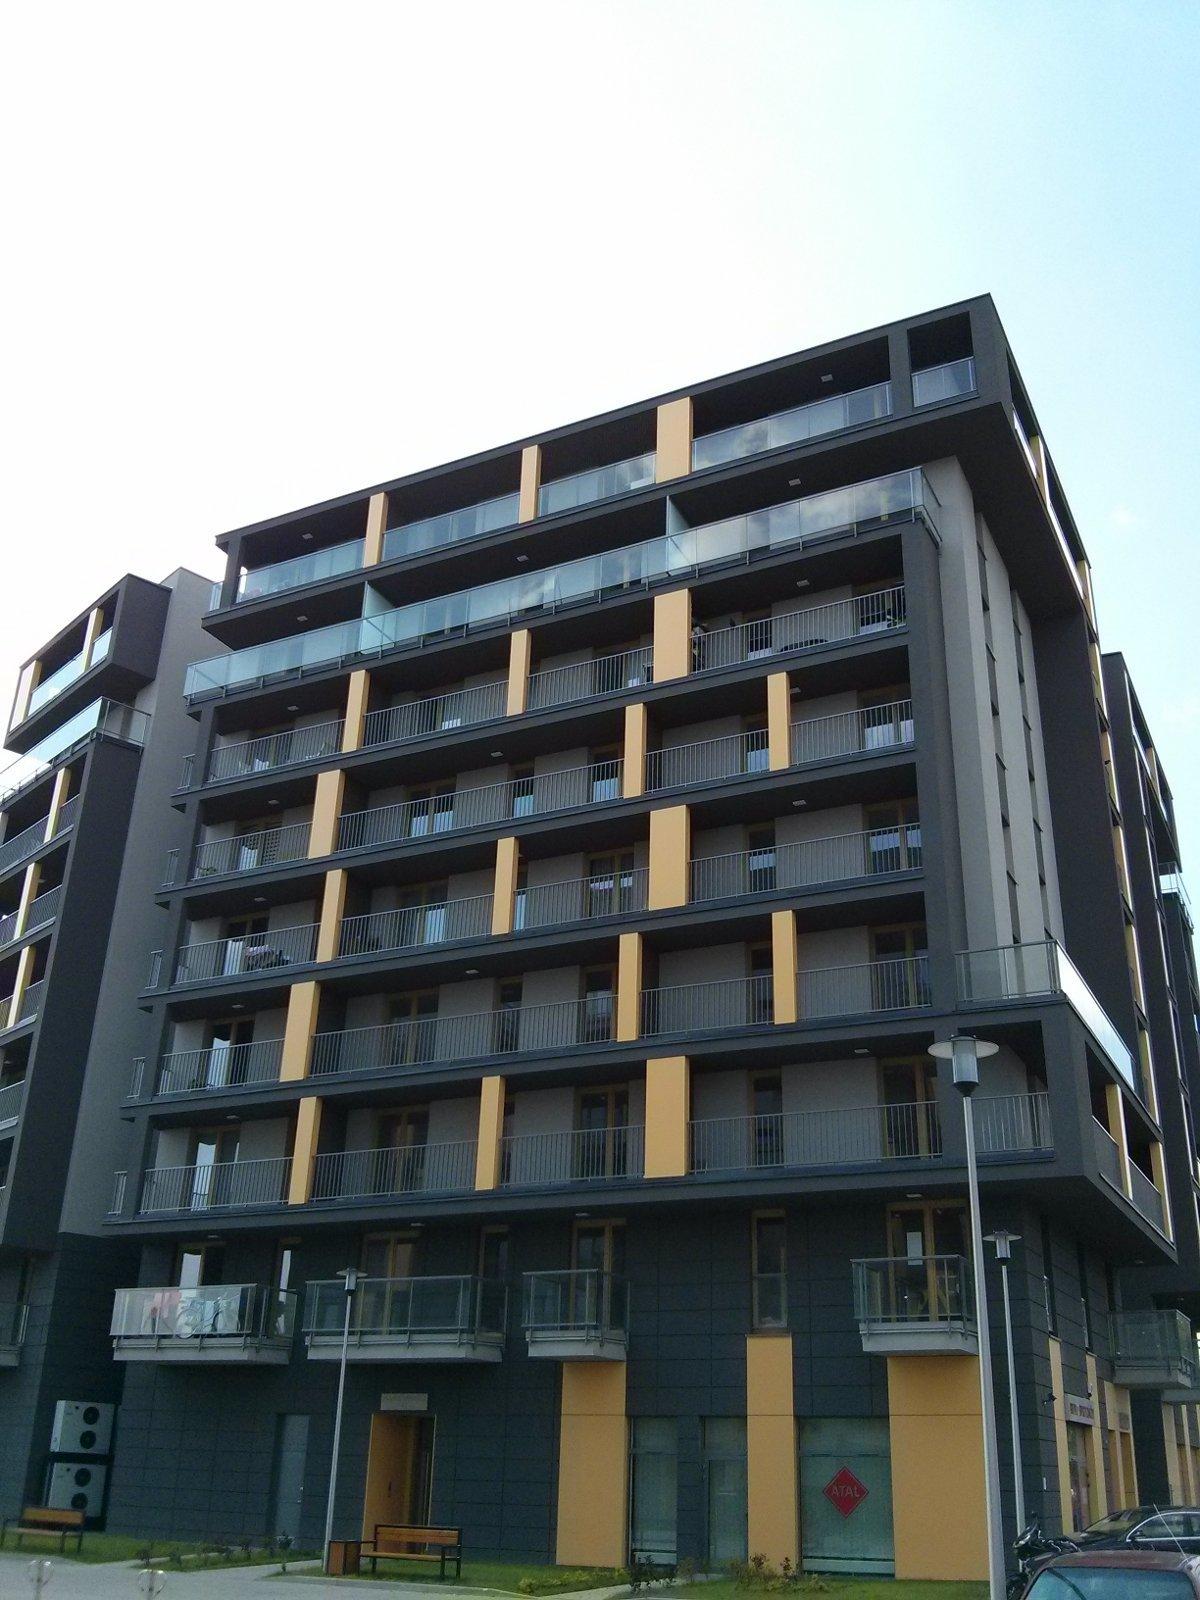 Atal - osiedle mieszkaniowe City Towers